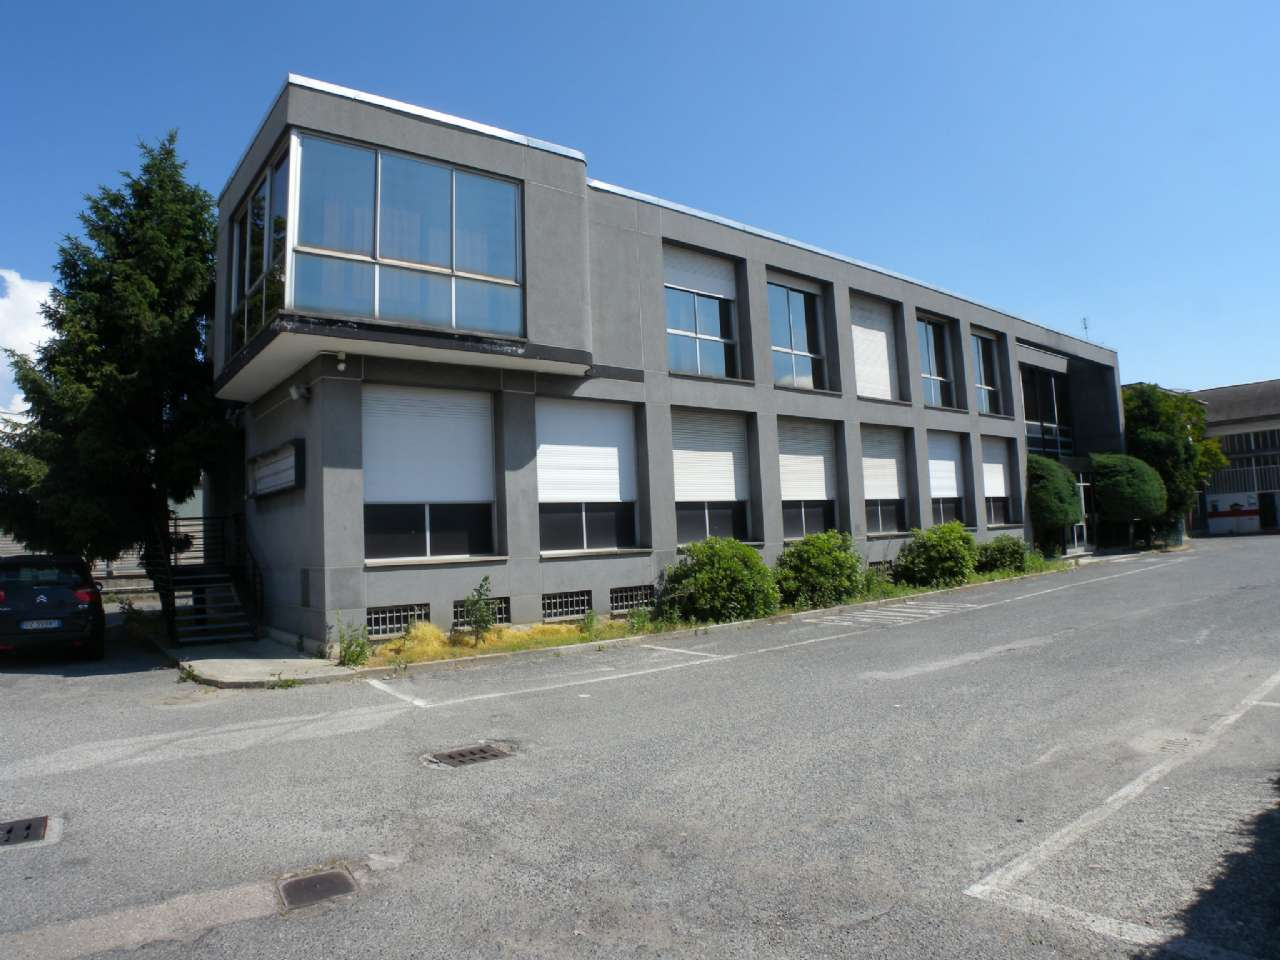 Ufficio in Affitto a Moncalieri